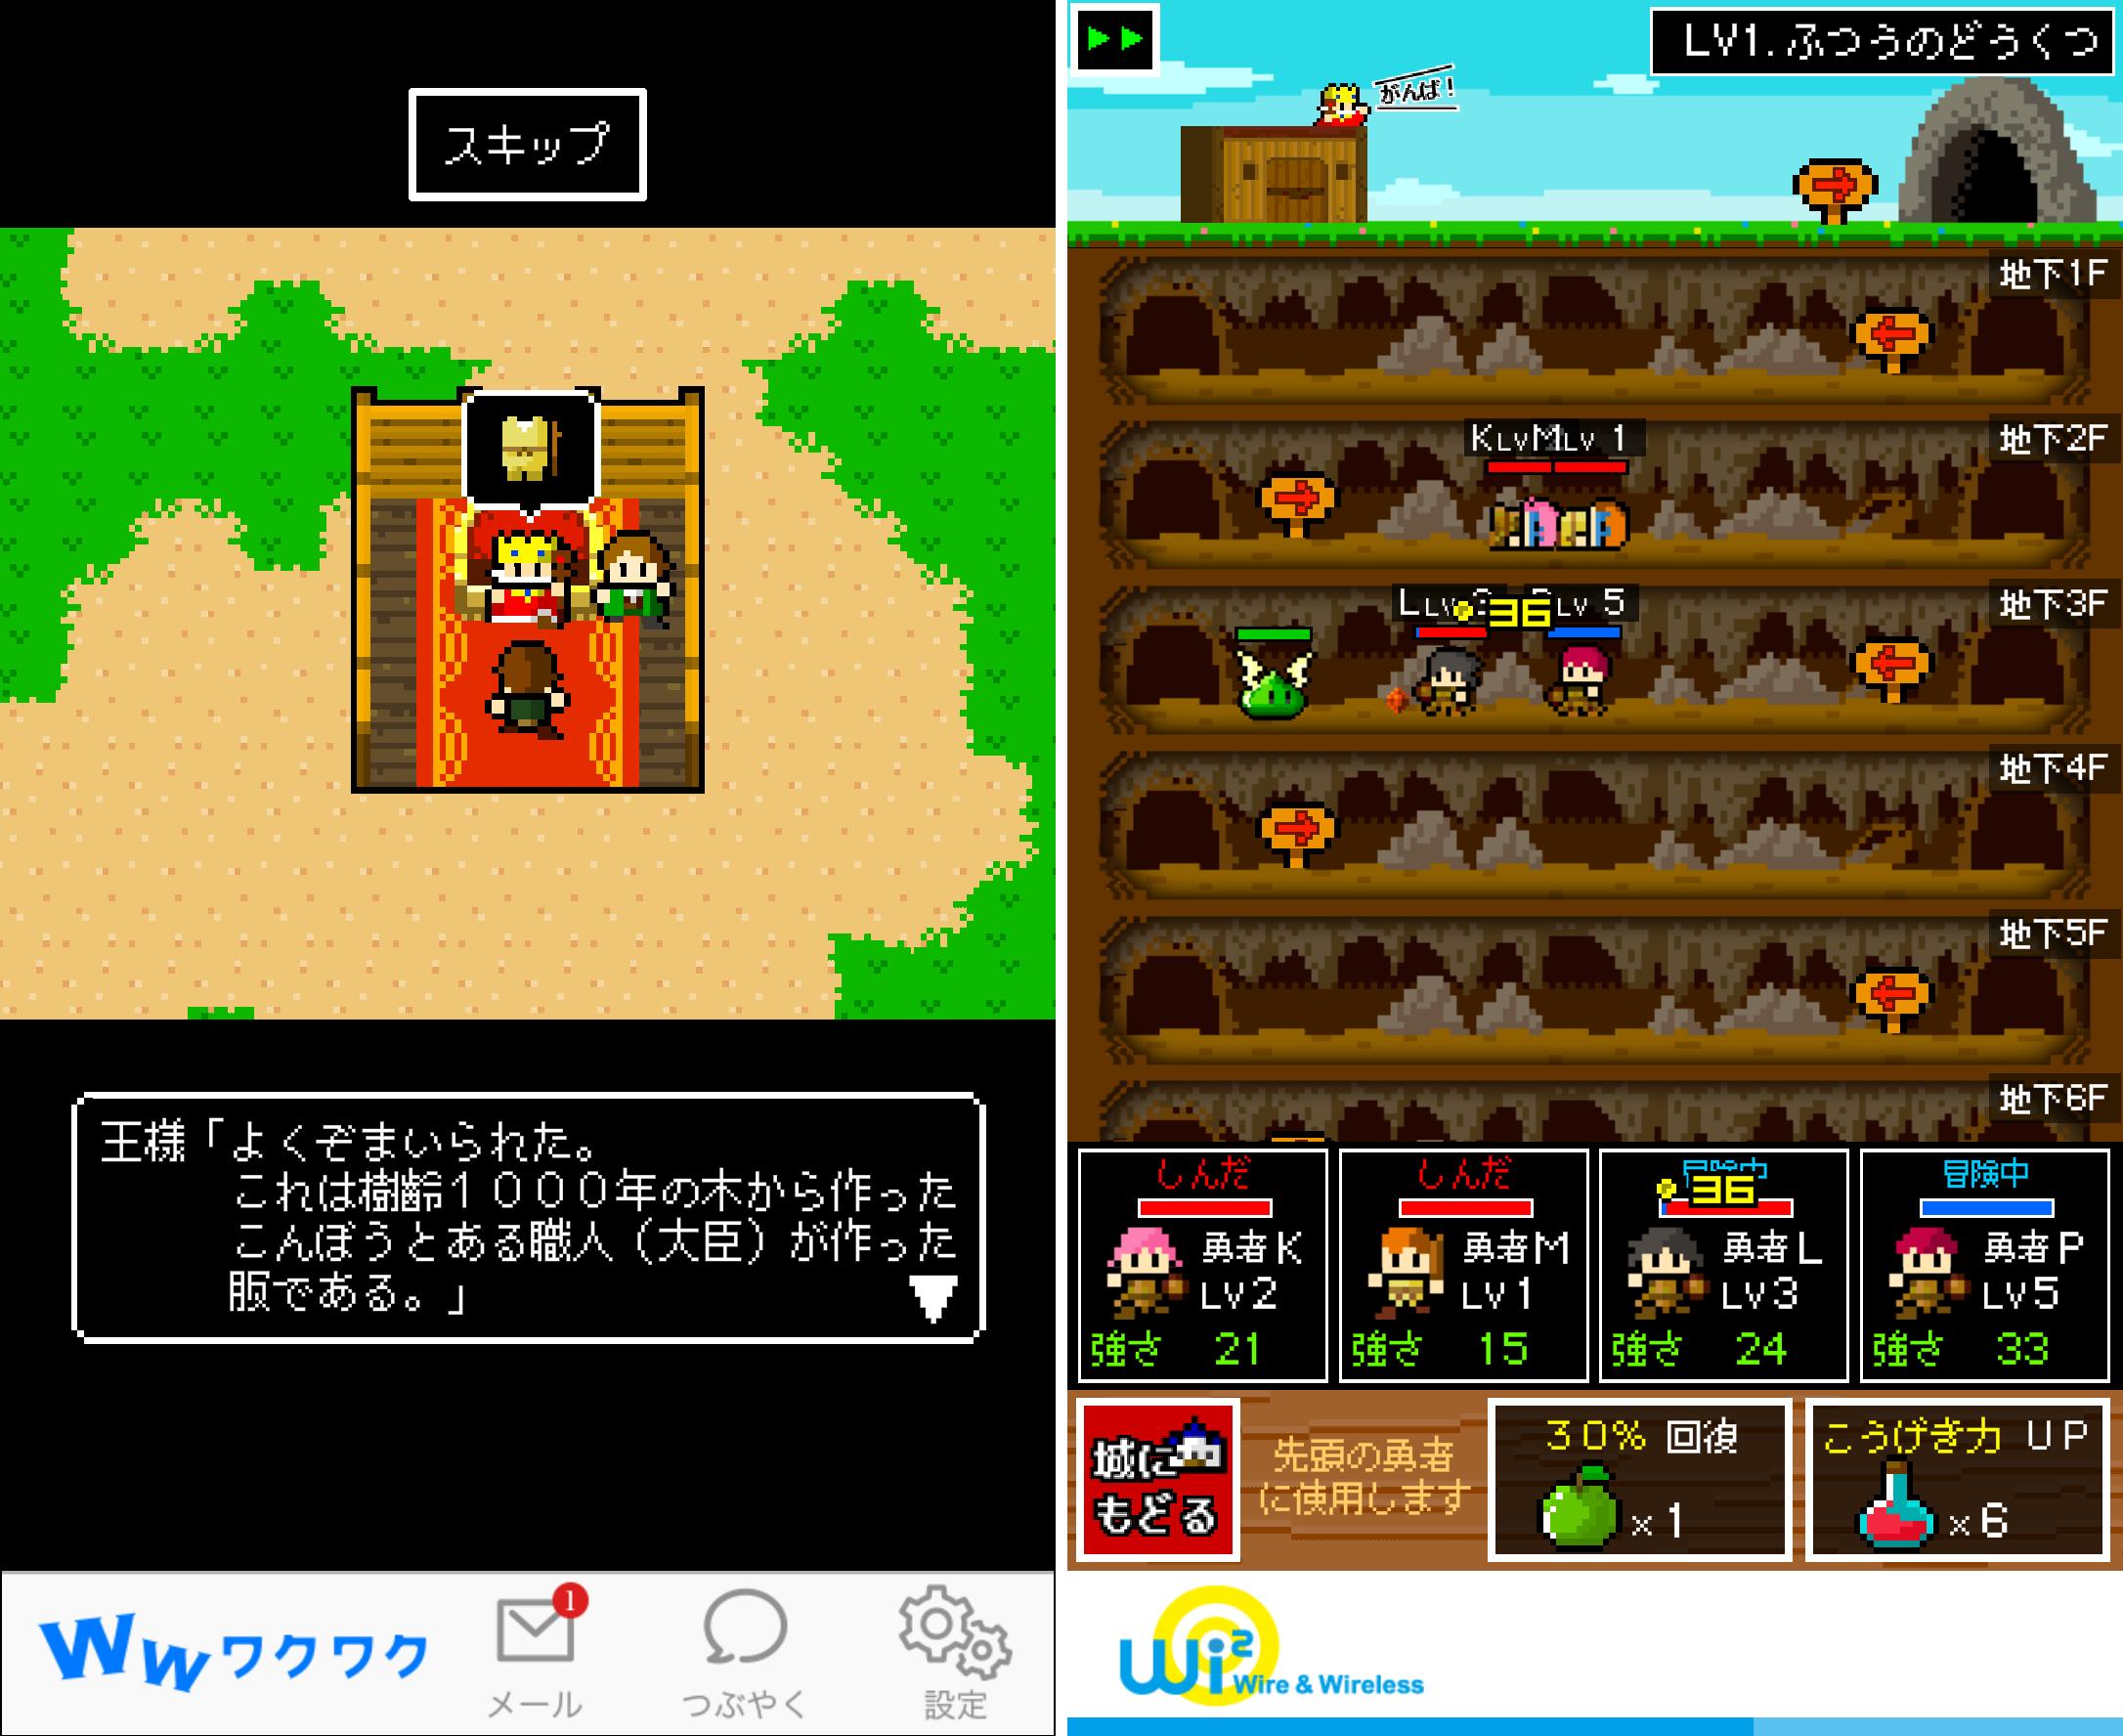 王様「樹齢千年の木で作ったこんぼうである」勇者「しょぼ・・」 androidアプリスクリーンショット1